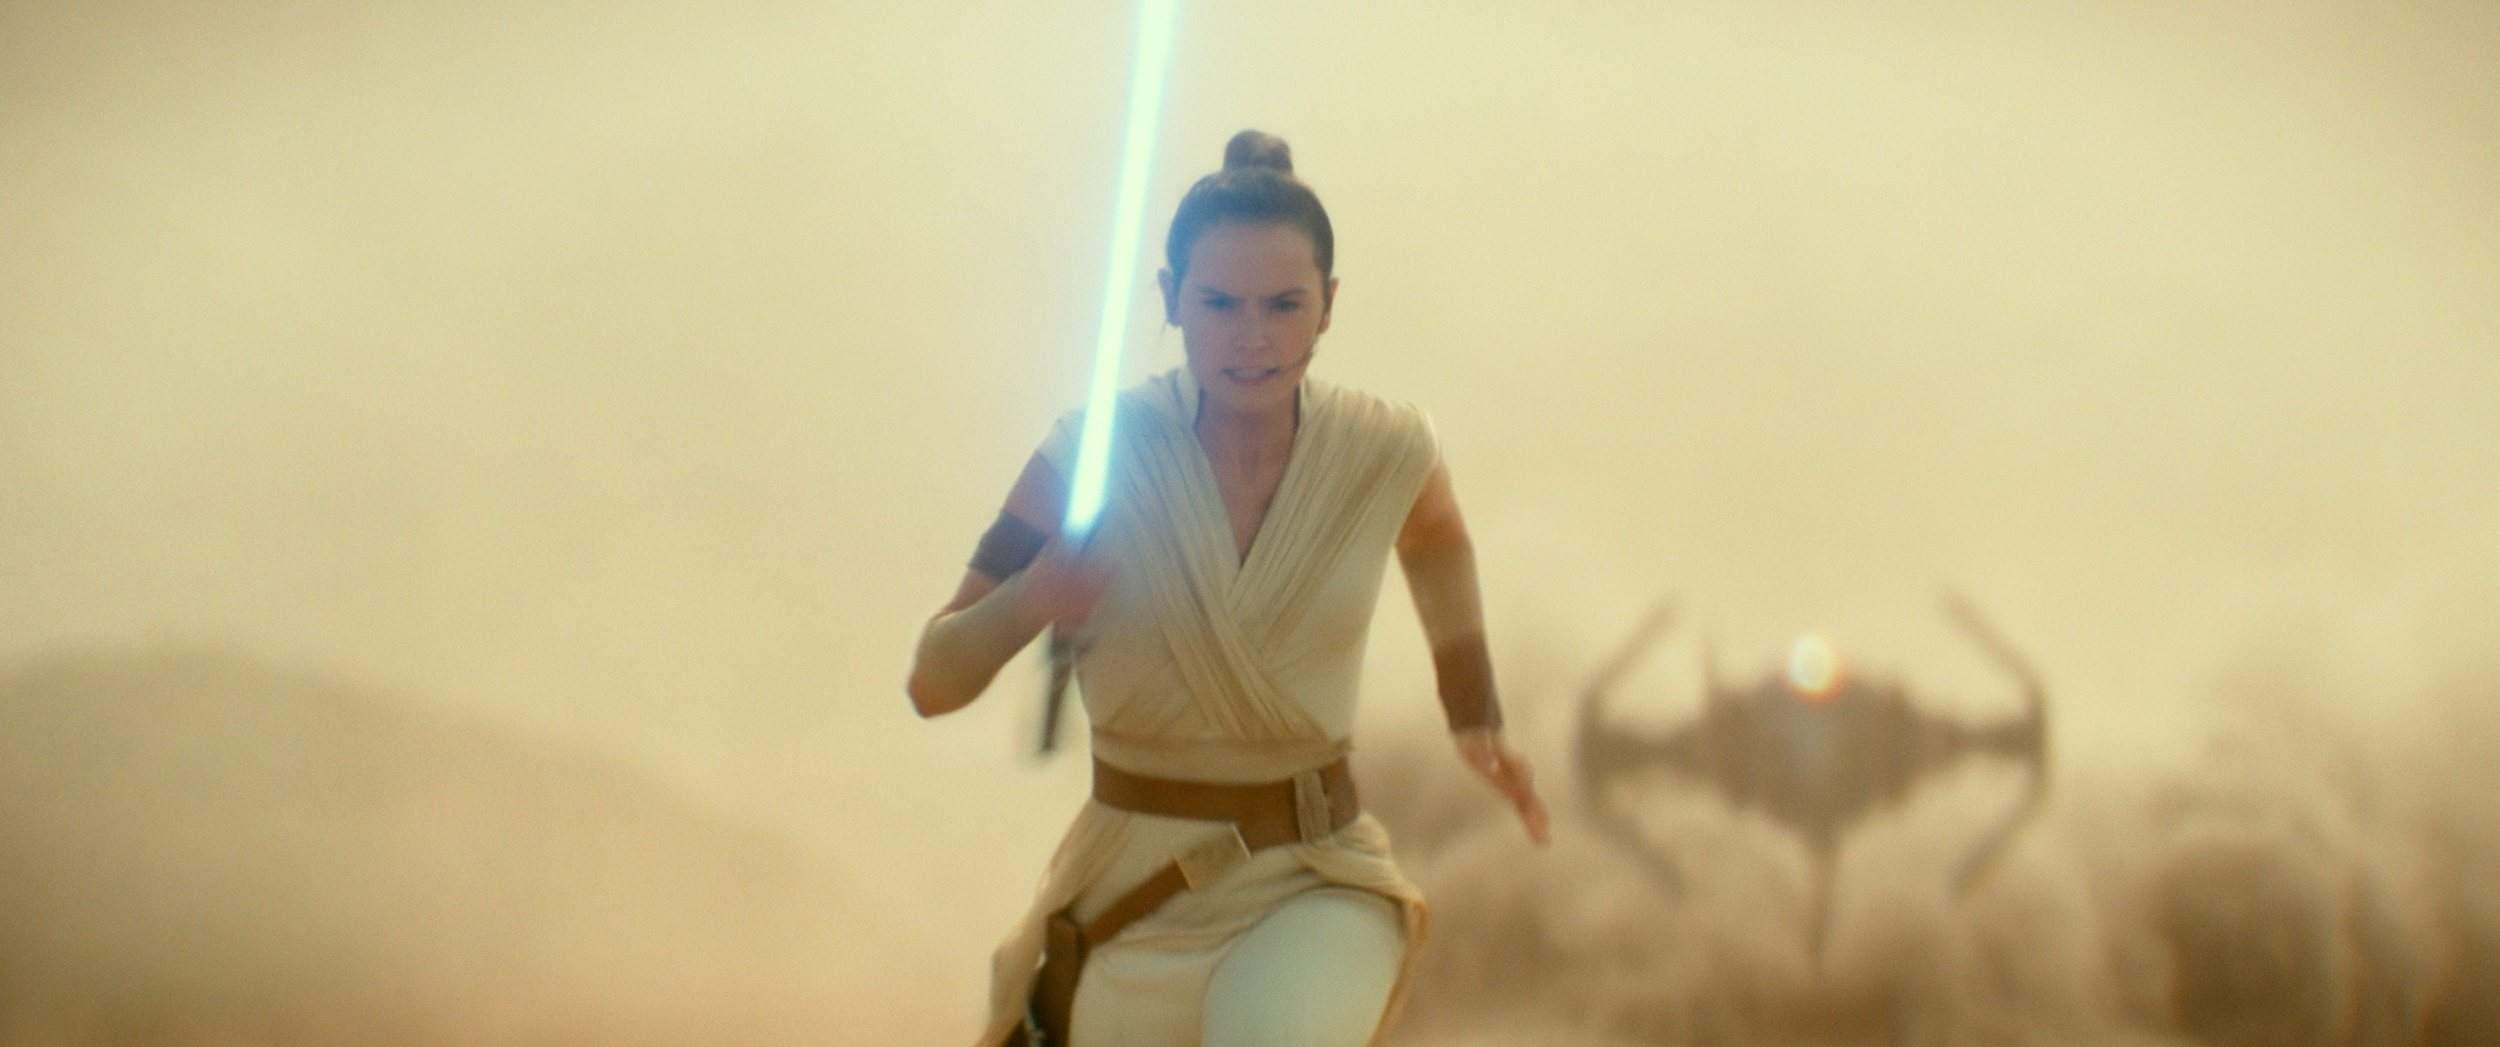 Se Filtra La Duración De Star Wars El Ascenso De Skywalker